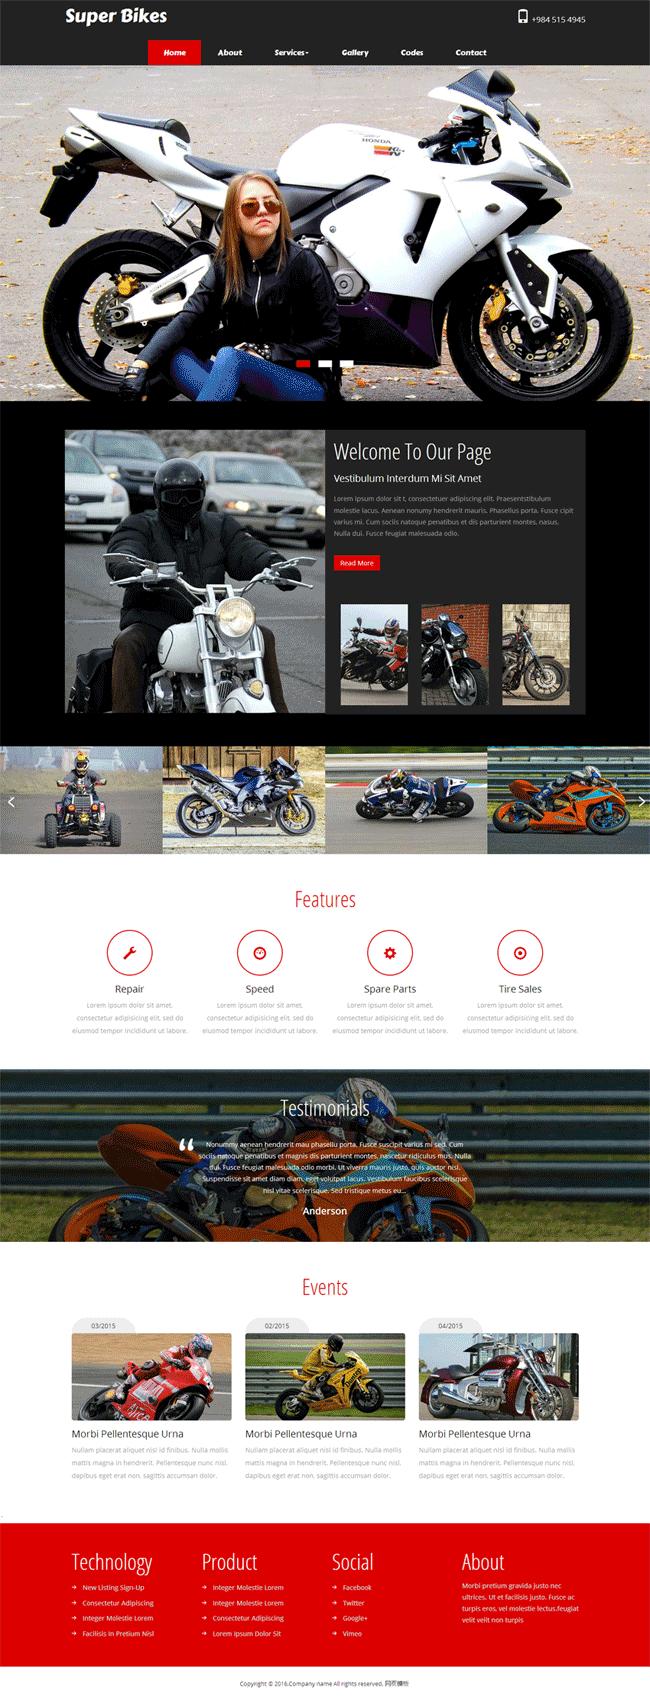 黑色的国外摩托车销售网站模板html下载